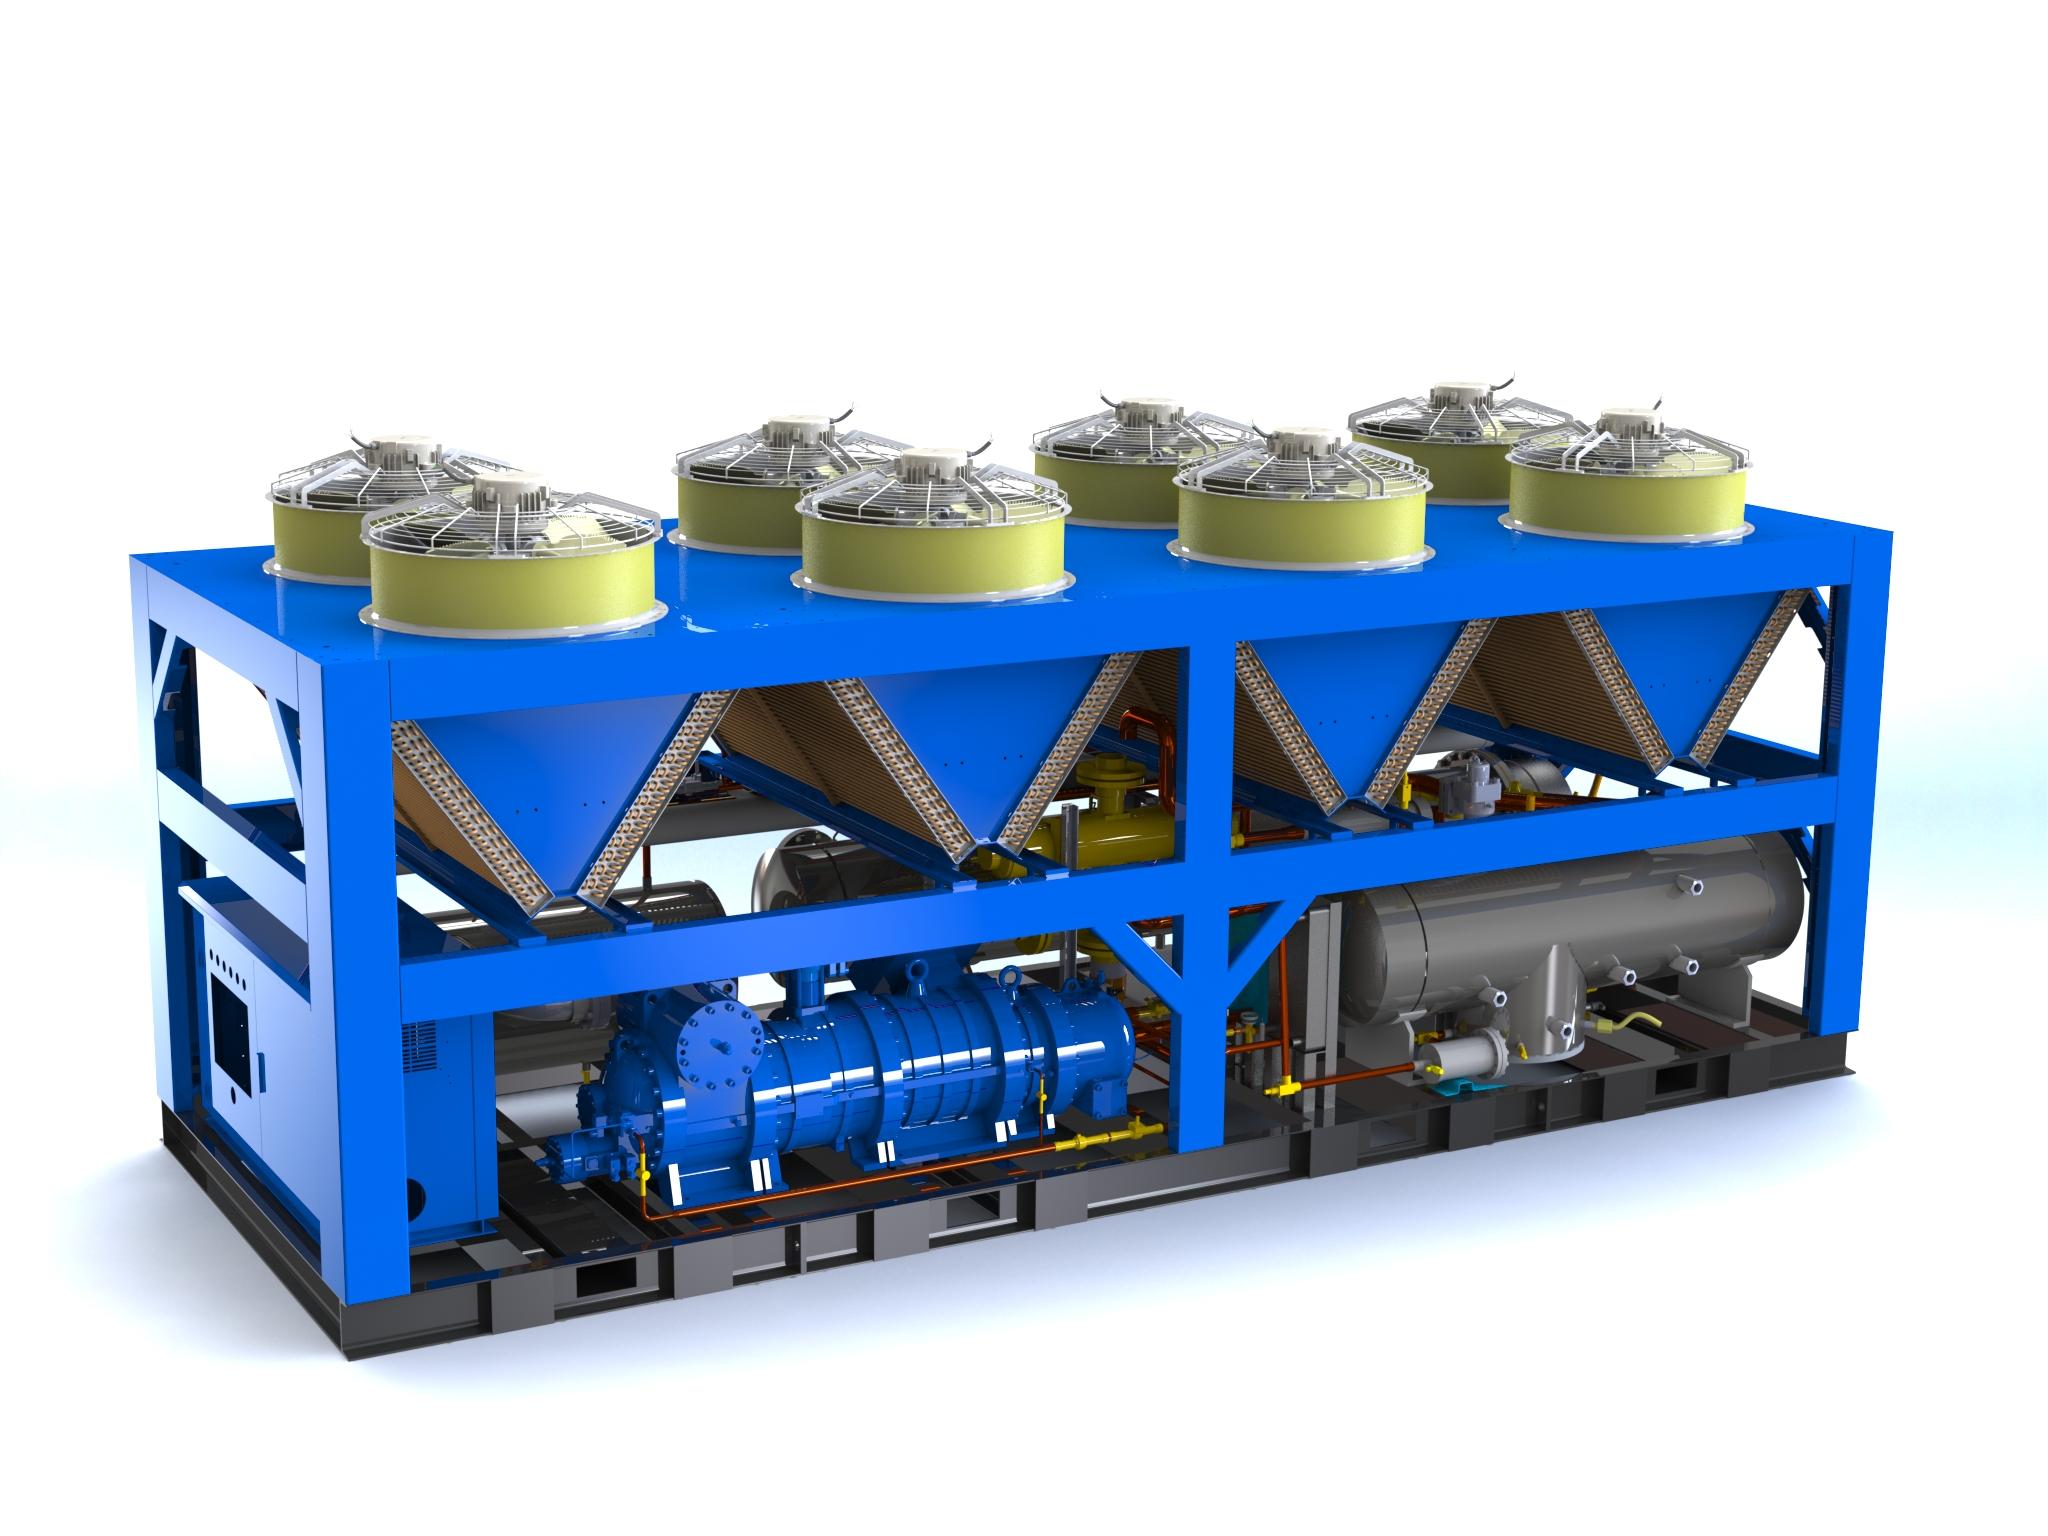 超低环温空气源热泵机组介绍大全|收藏